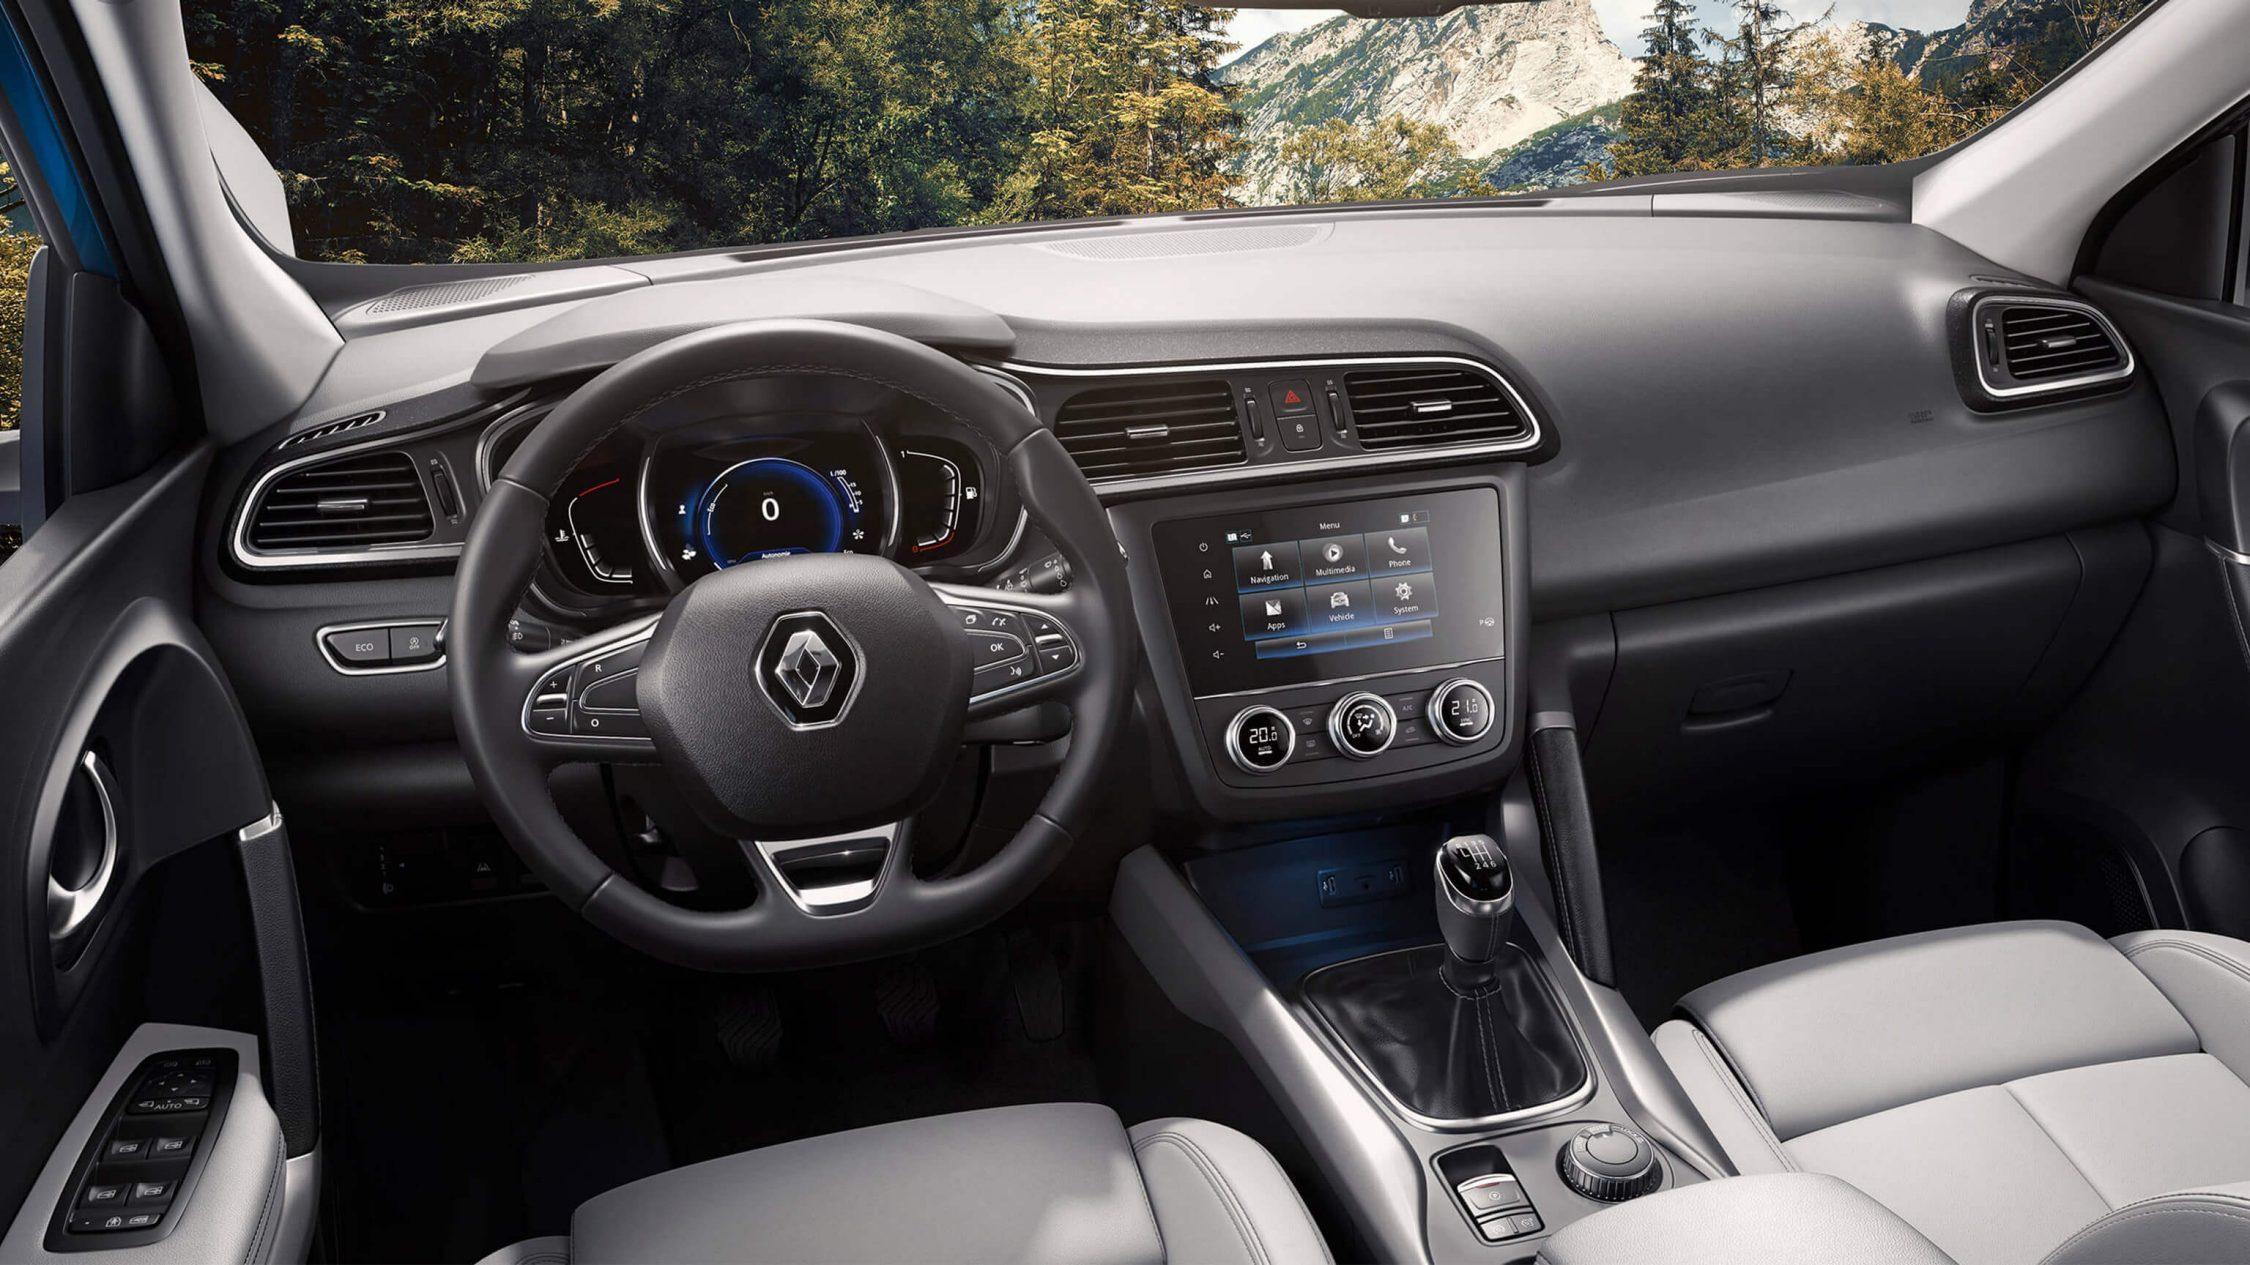 Erfahrungen Renault Kadjar - der Innenraum Bildquelle: Renault.de